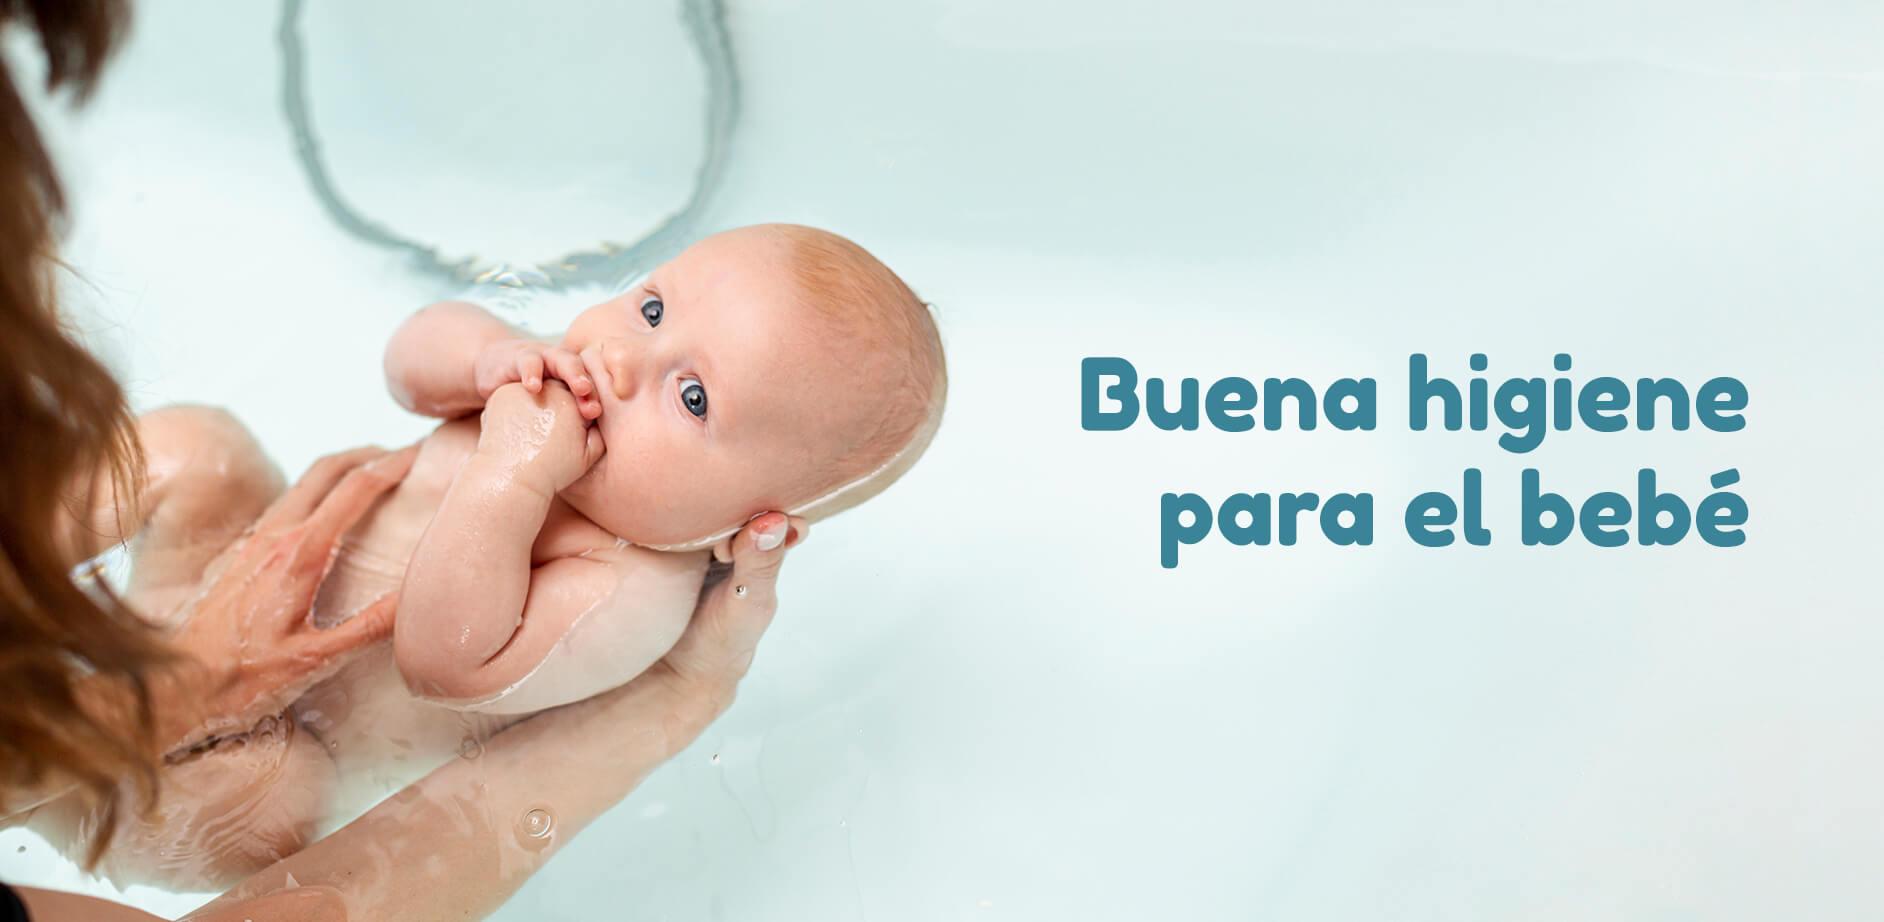 Guía completa: Buena higiene para el bebé